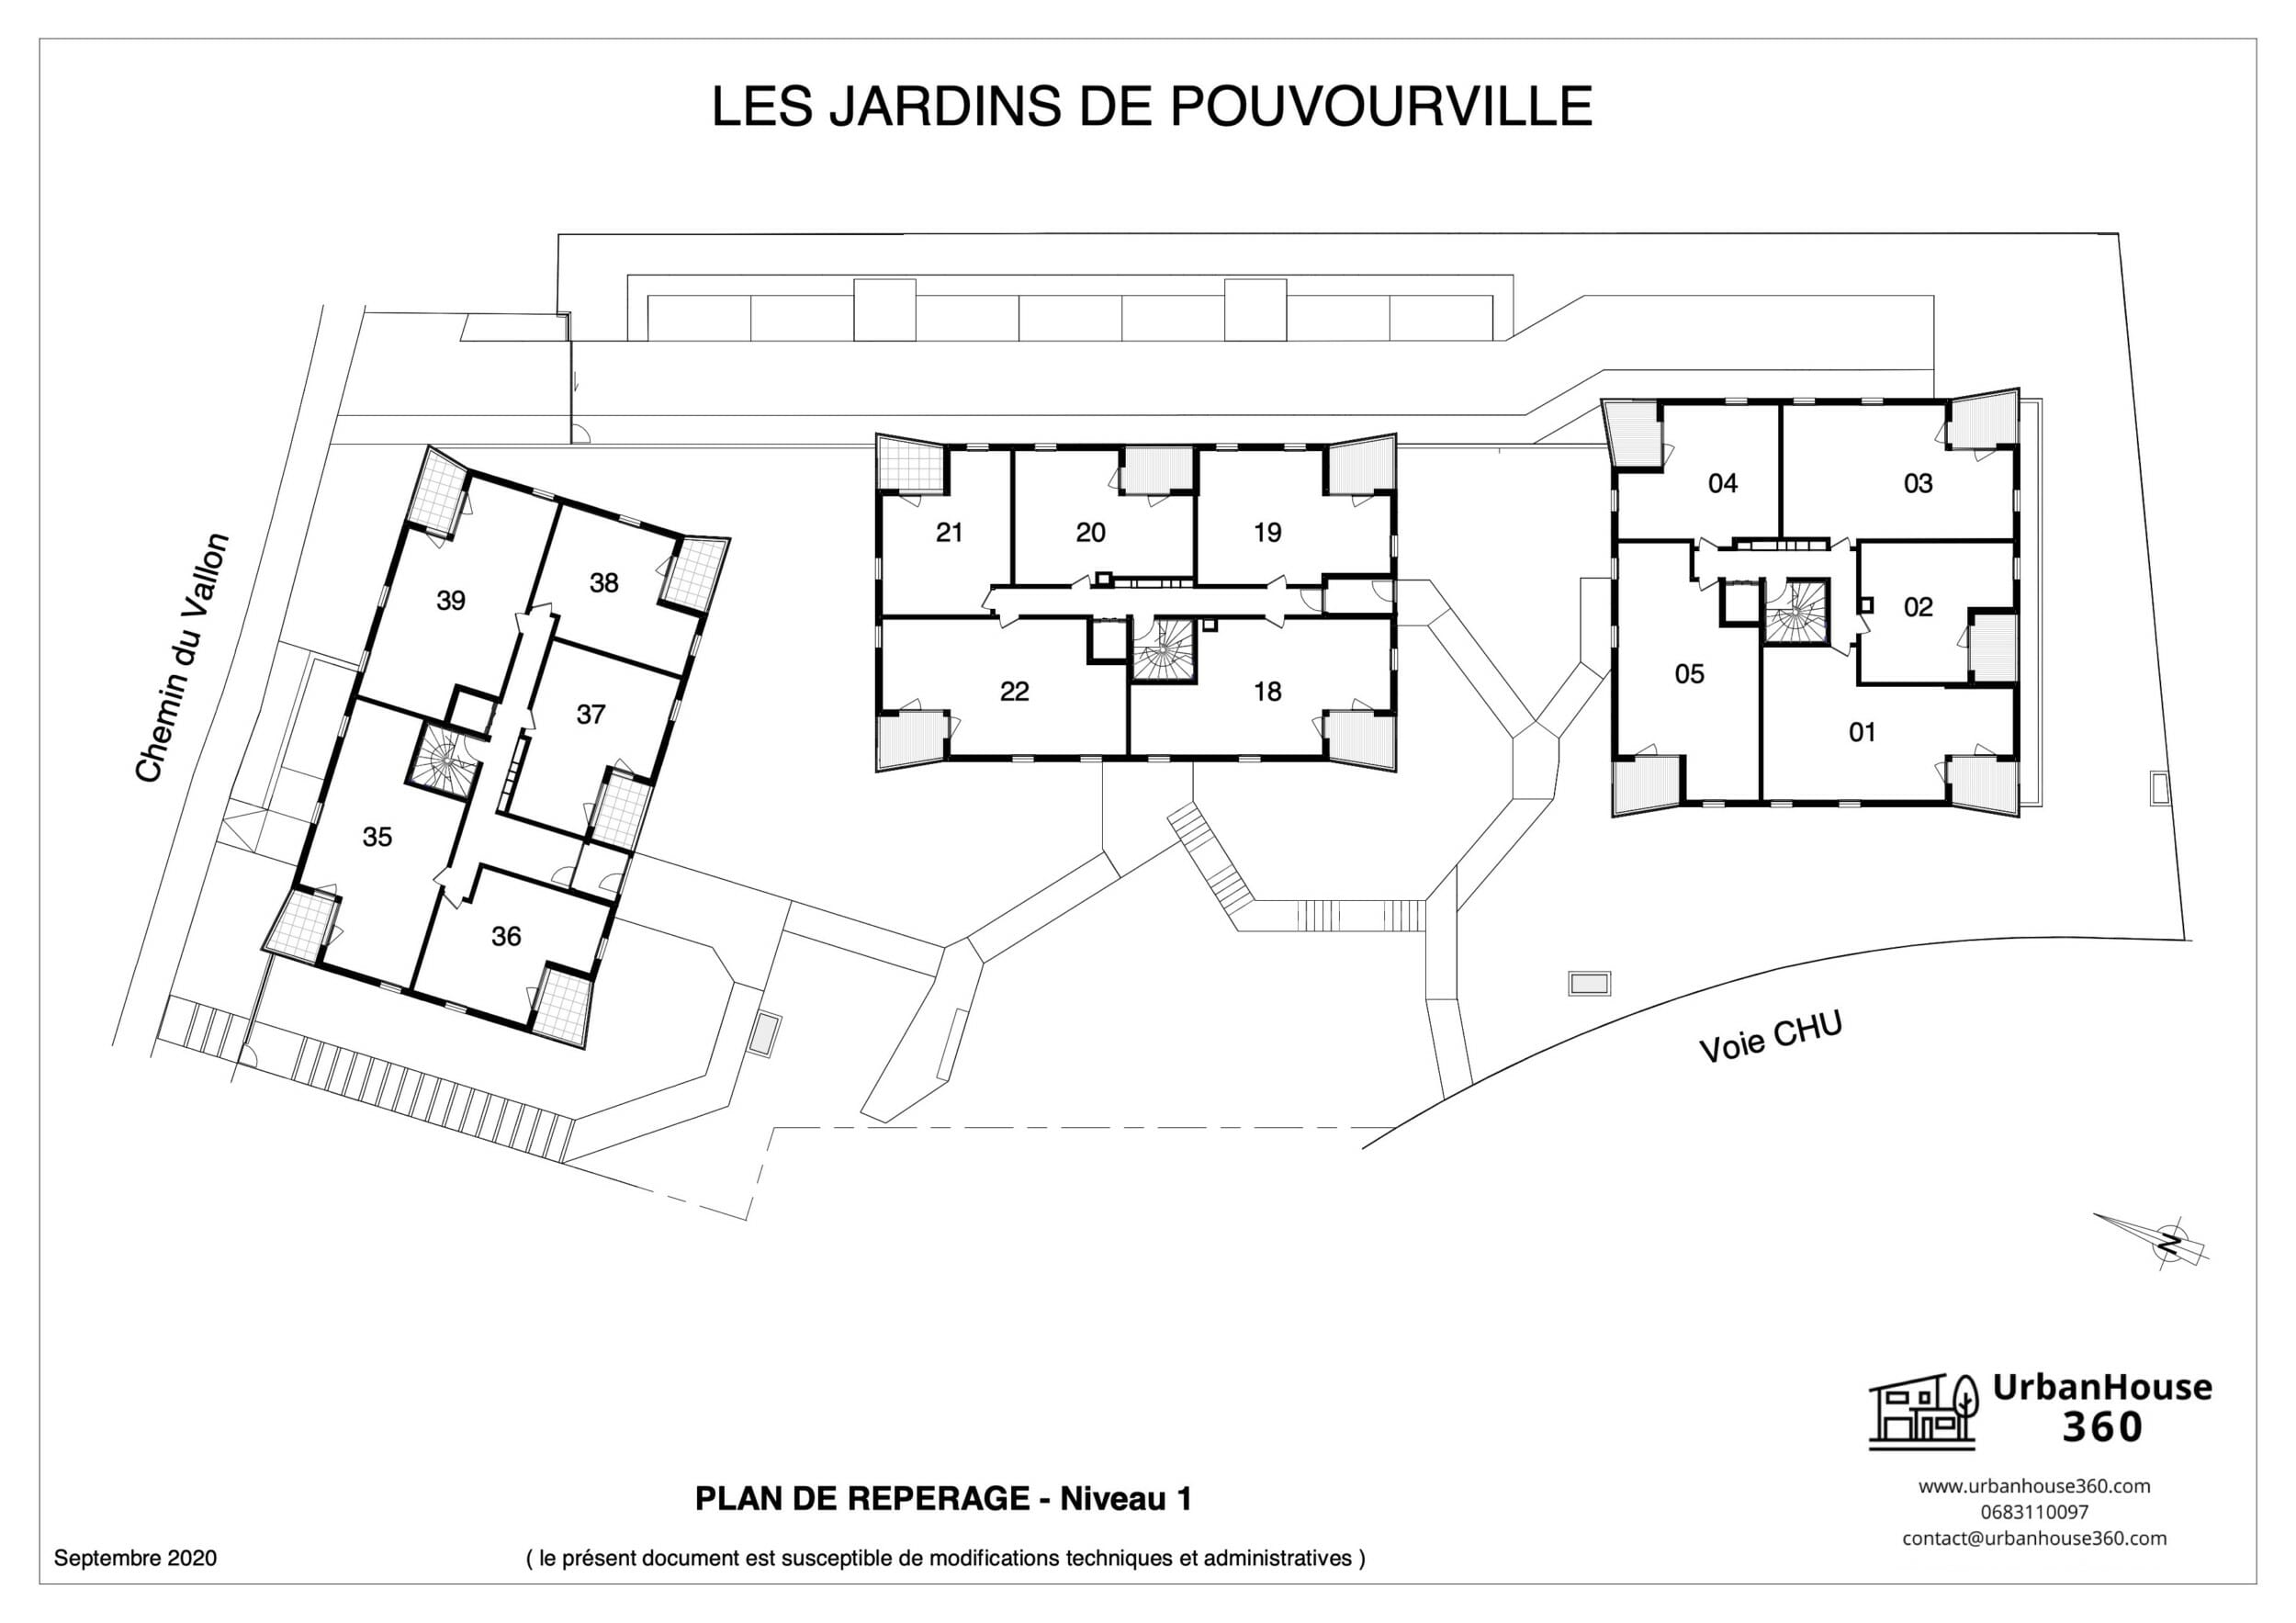 UrbanHouse360-plans_de_reperage-les_jardins_de_pouvourville 2